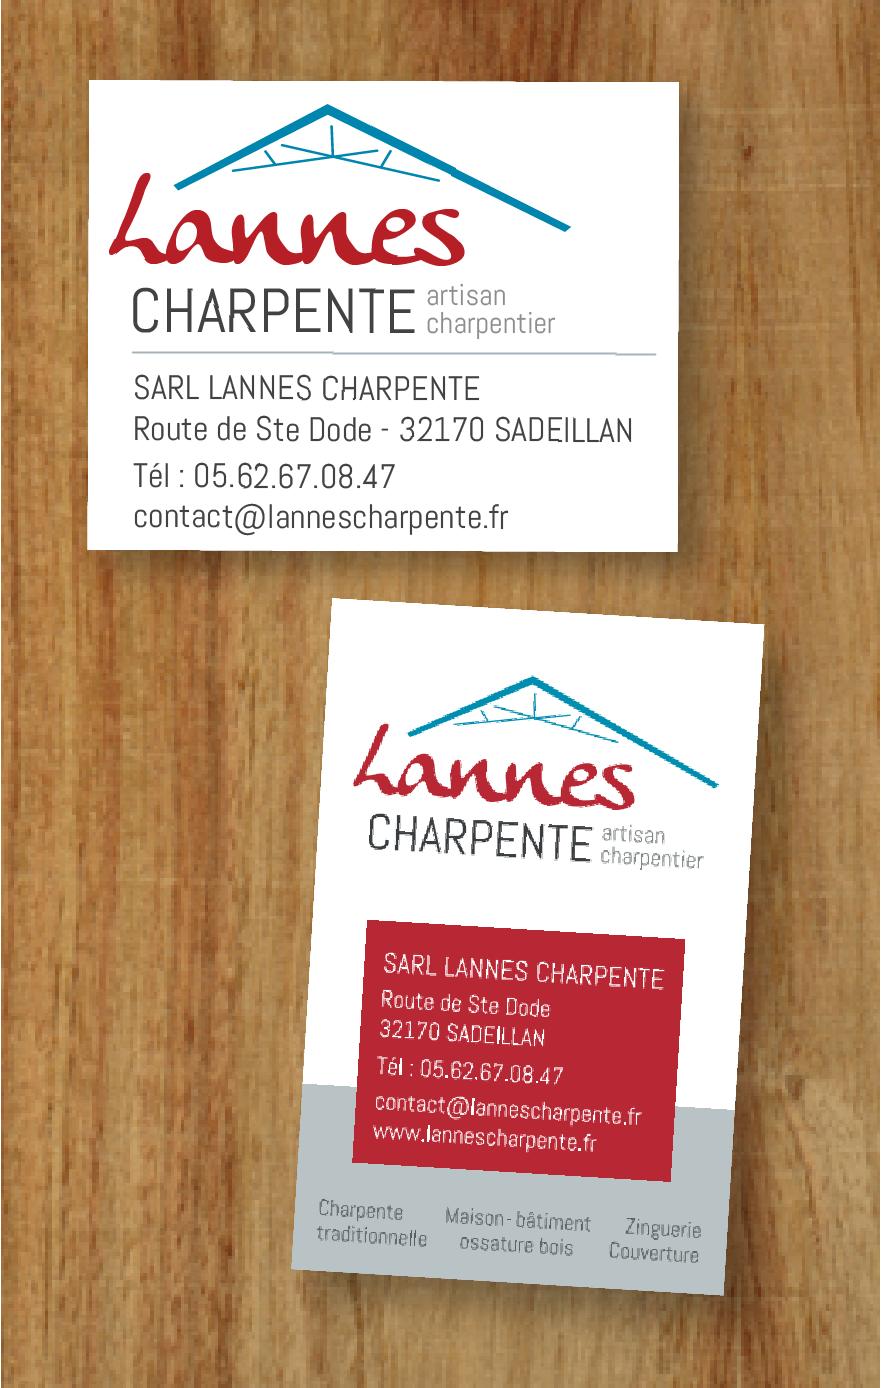 Entreprise LANNES Charpente